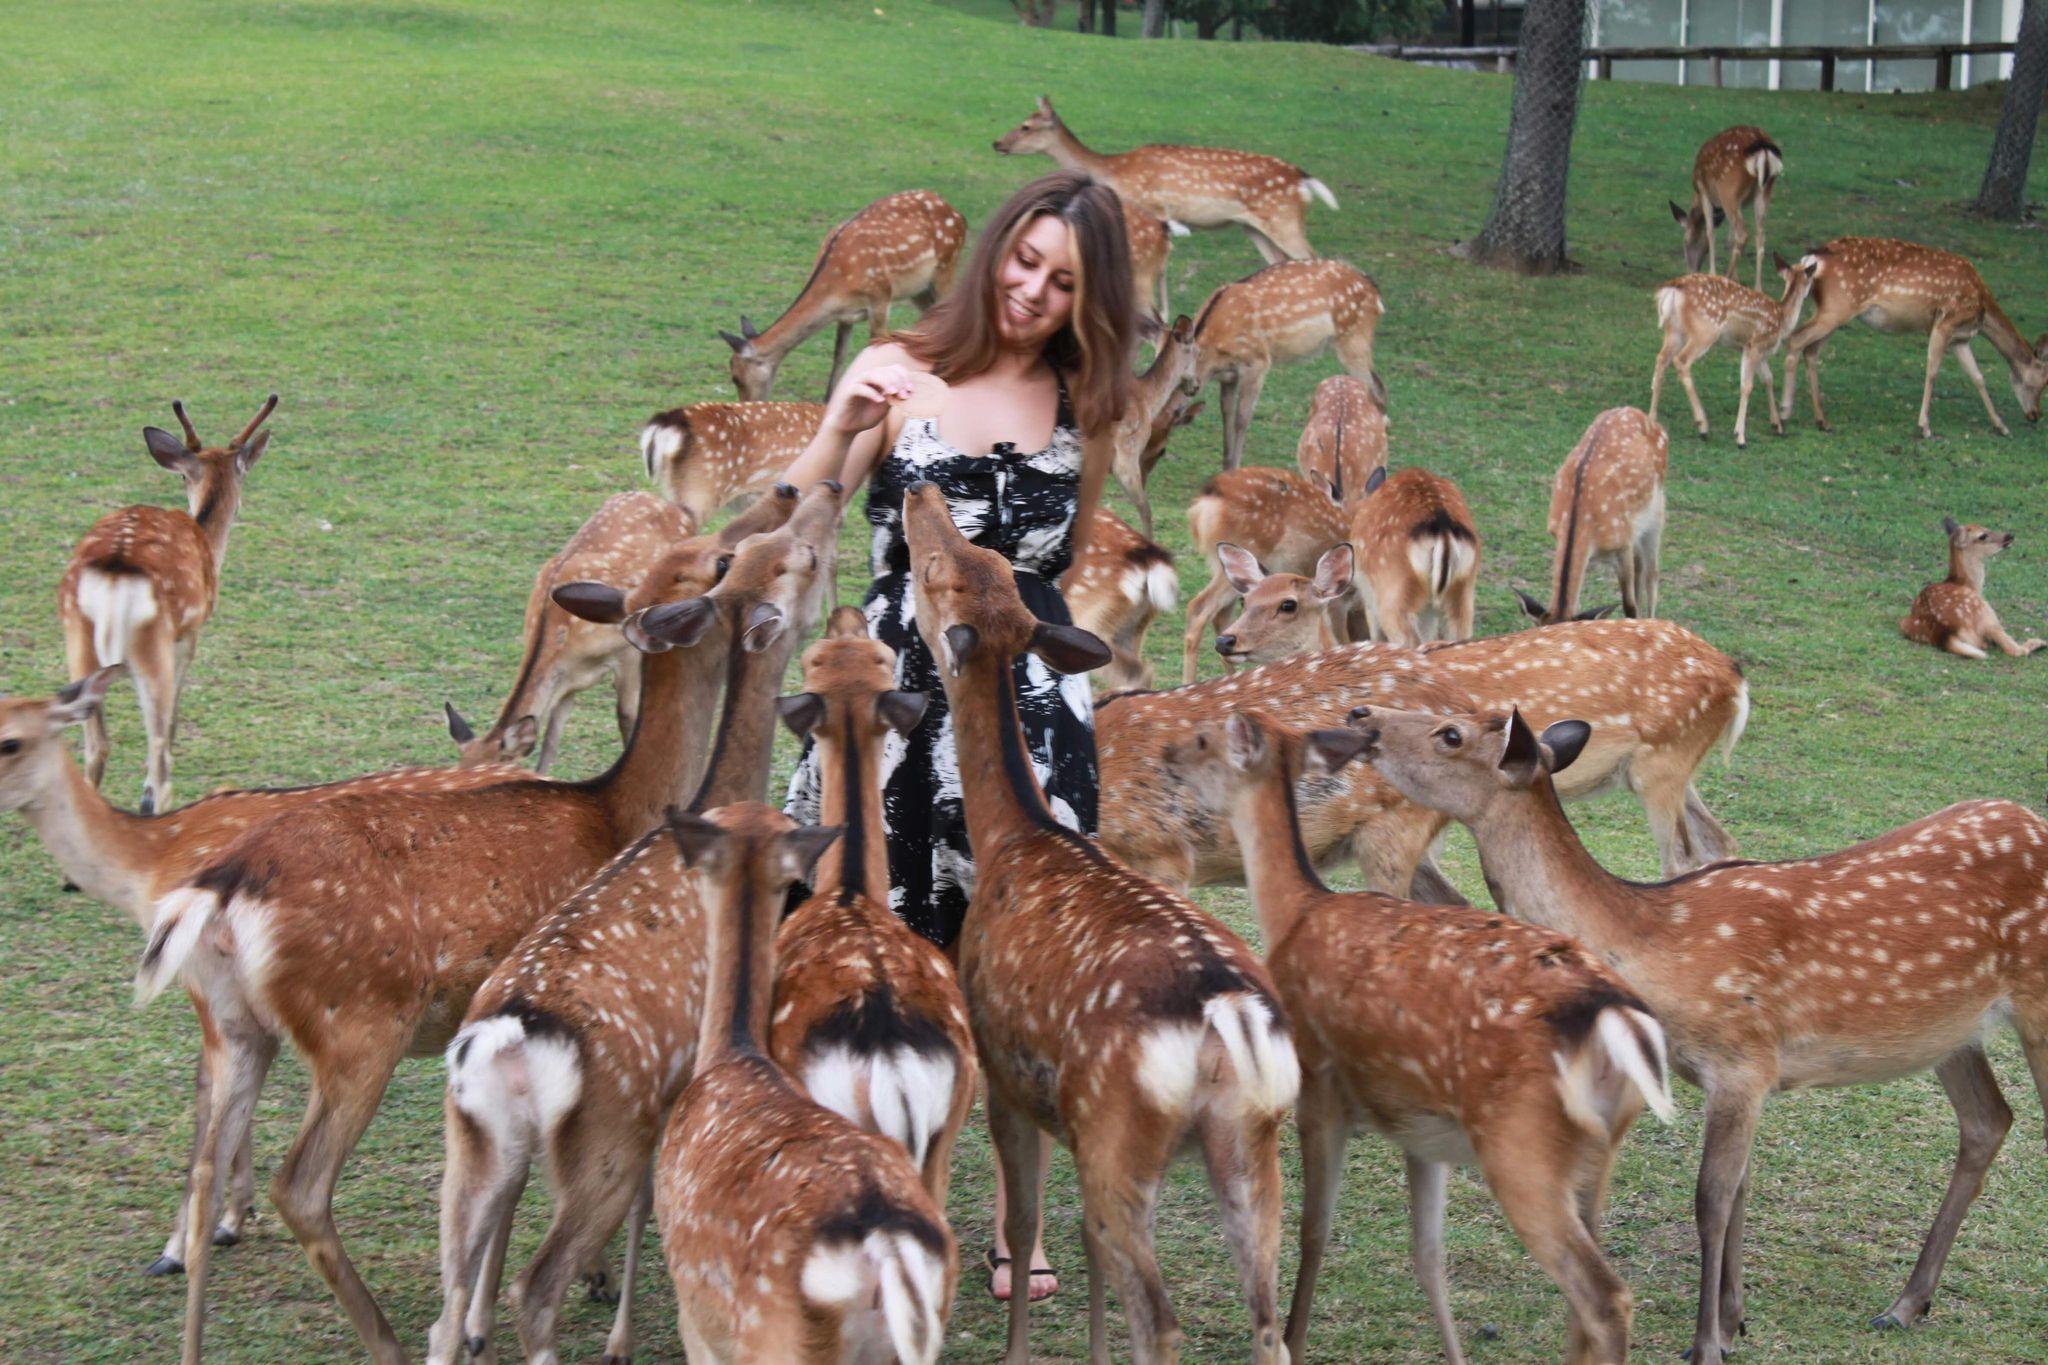 Наташа Бирюкова с оленями в Наре. Из личного архива героини